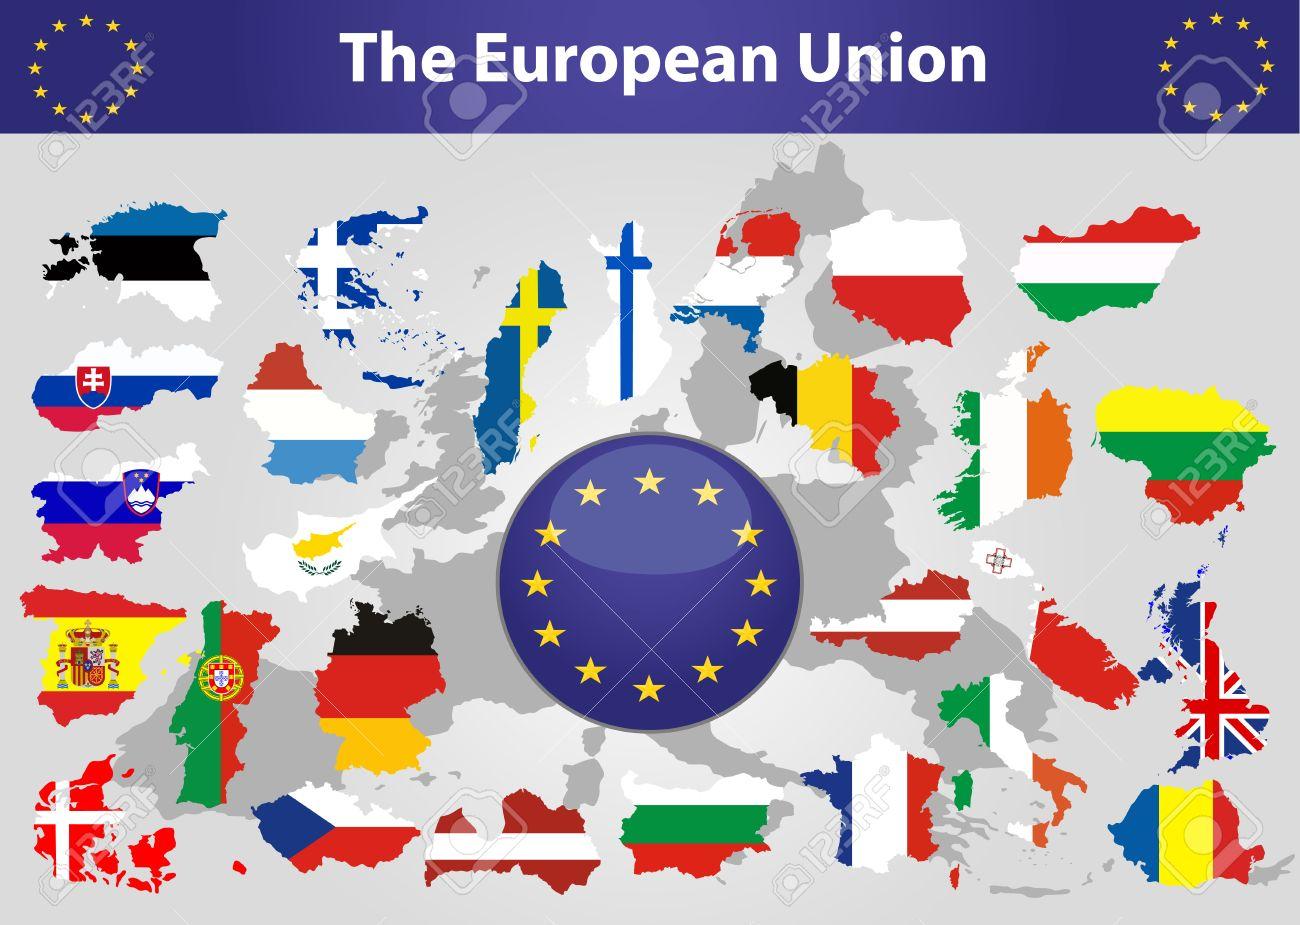 欧州連合の地図と概要地図上にオーバーレイする欧州連合の加盟国の ...